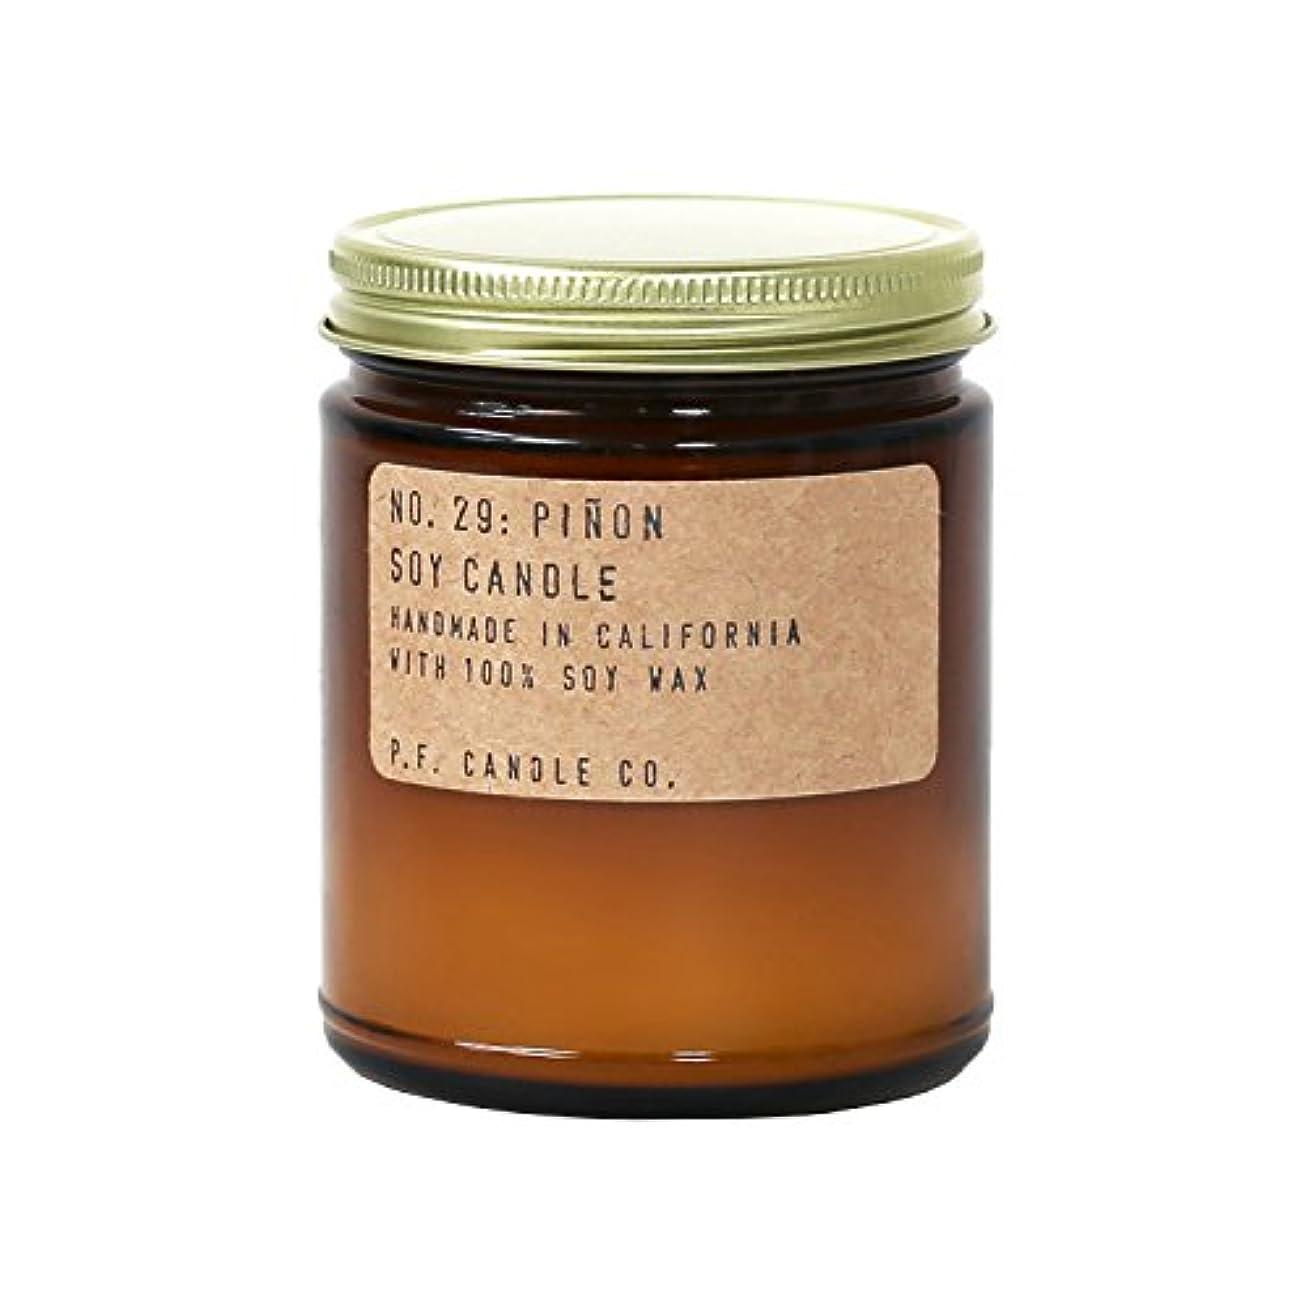 気難しい急勾配の逆説p.f. Candle Co。 – No。29 : Piñon Soy Candle 7.2 oz